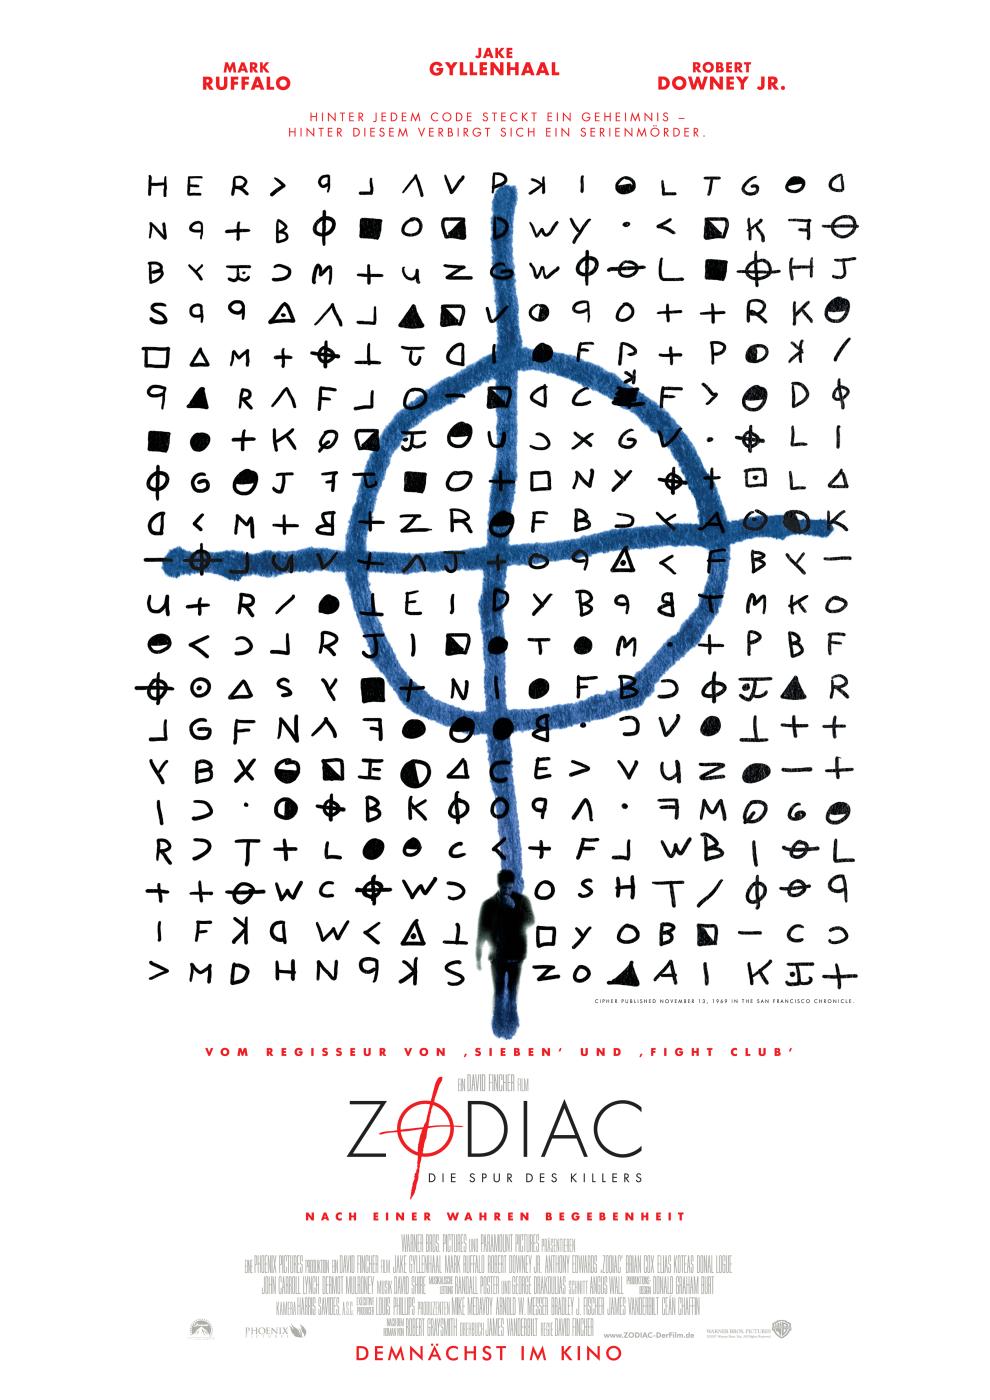 Zodiac Poster #2